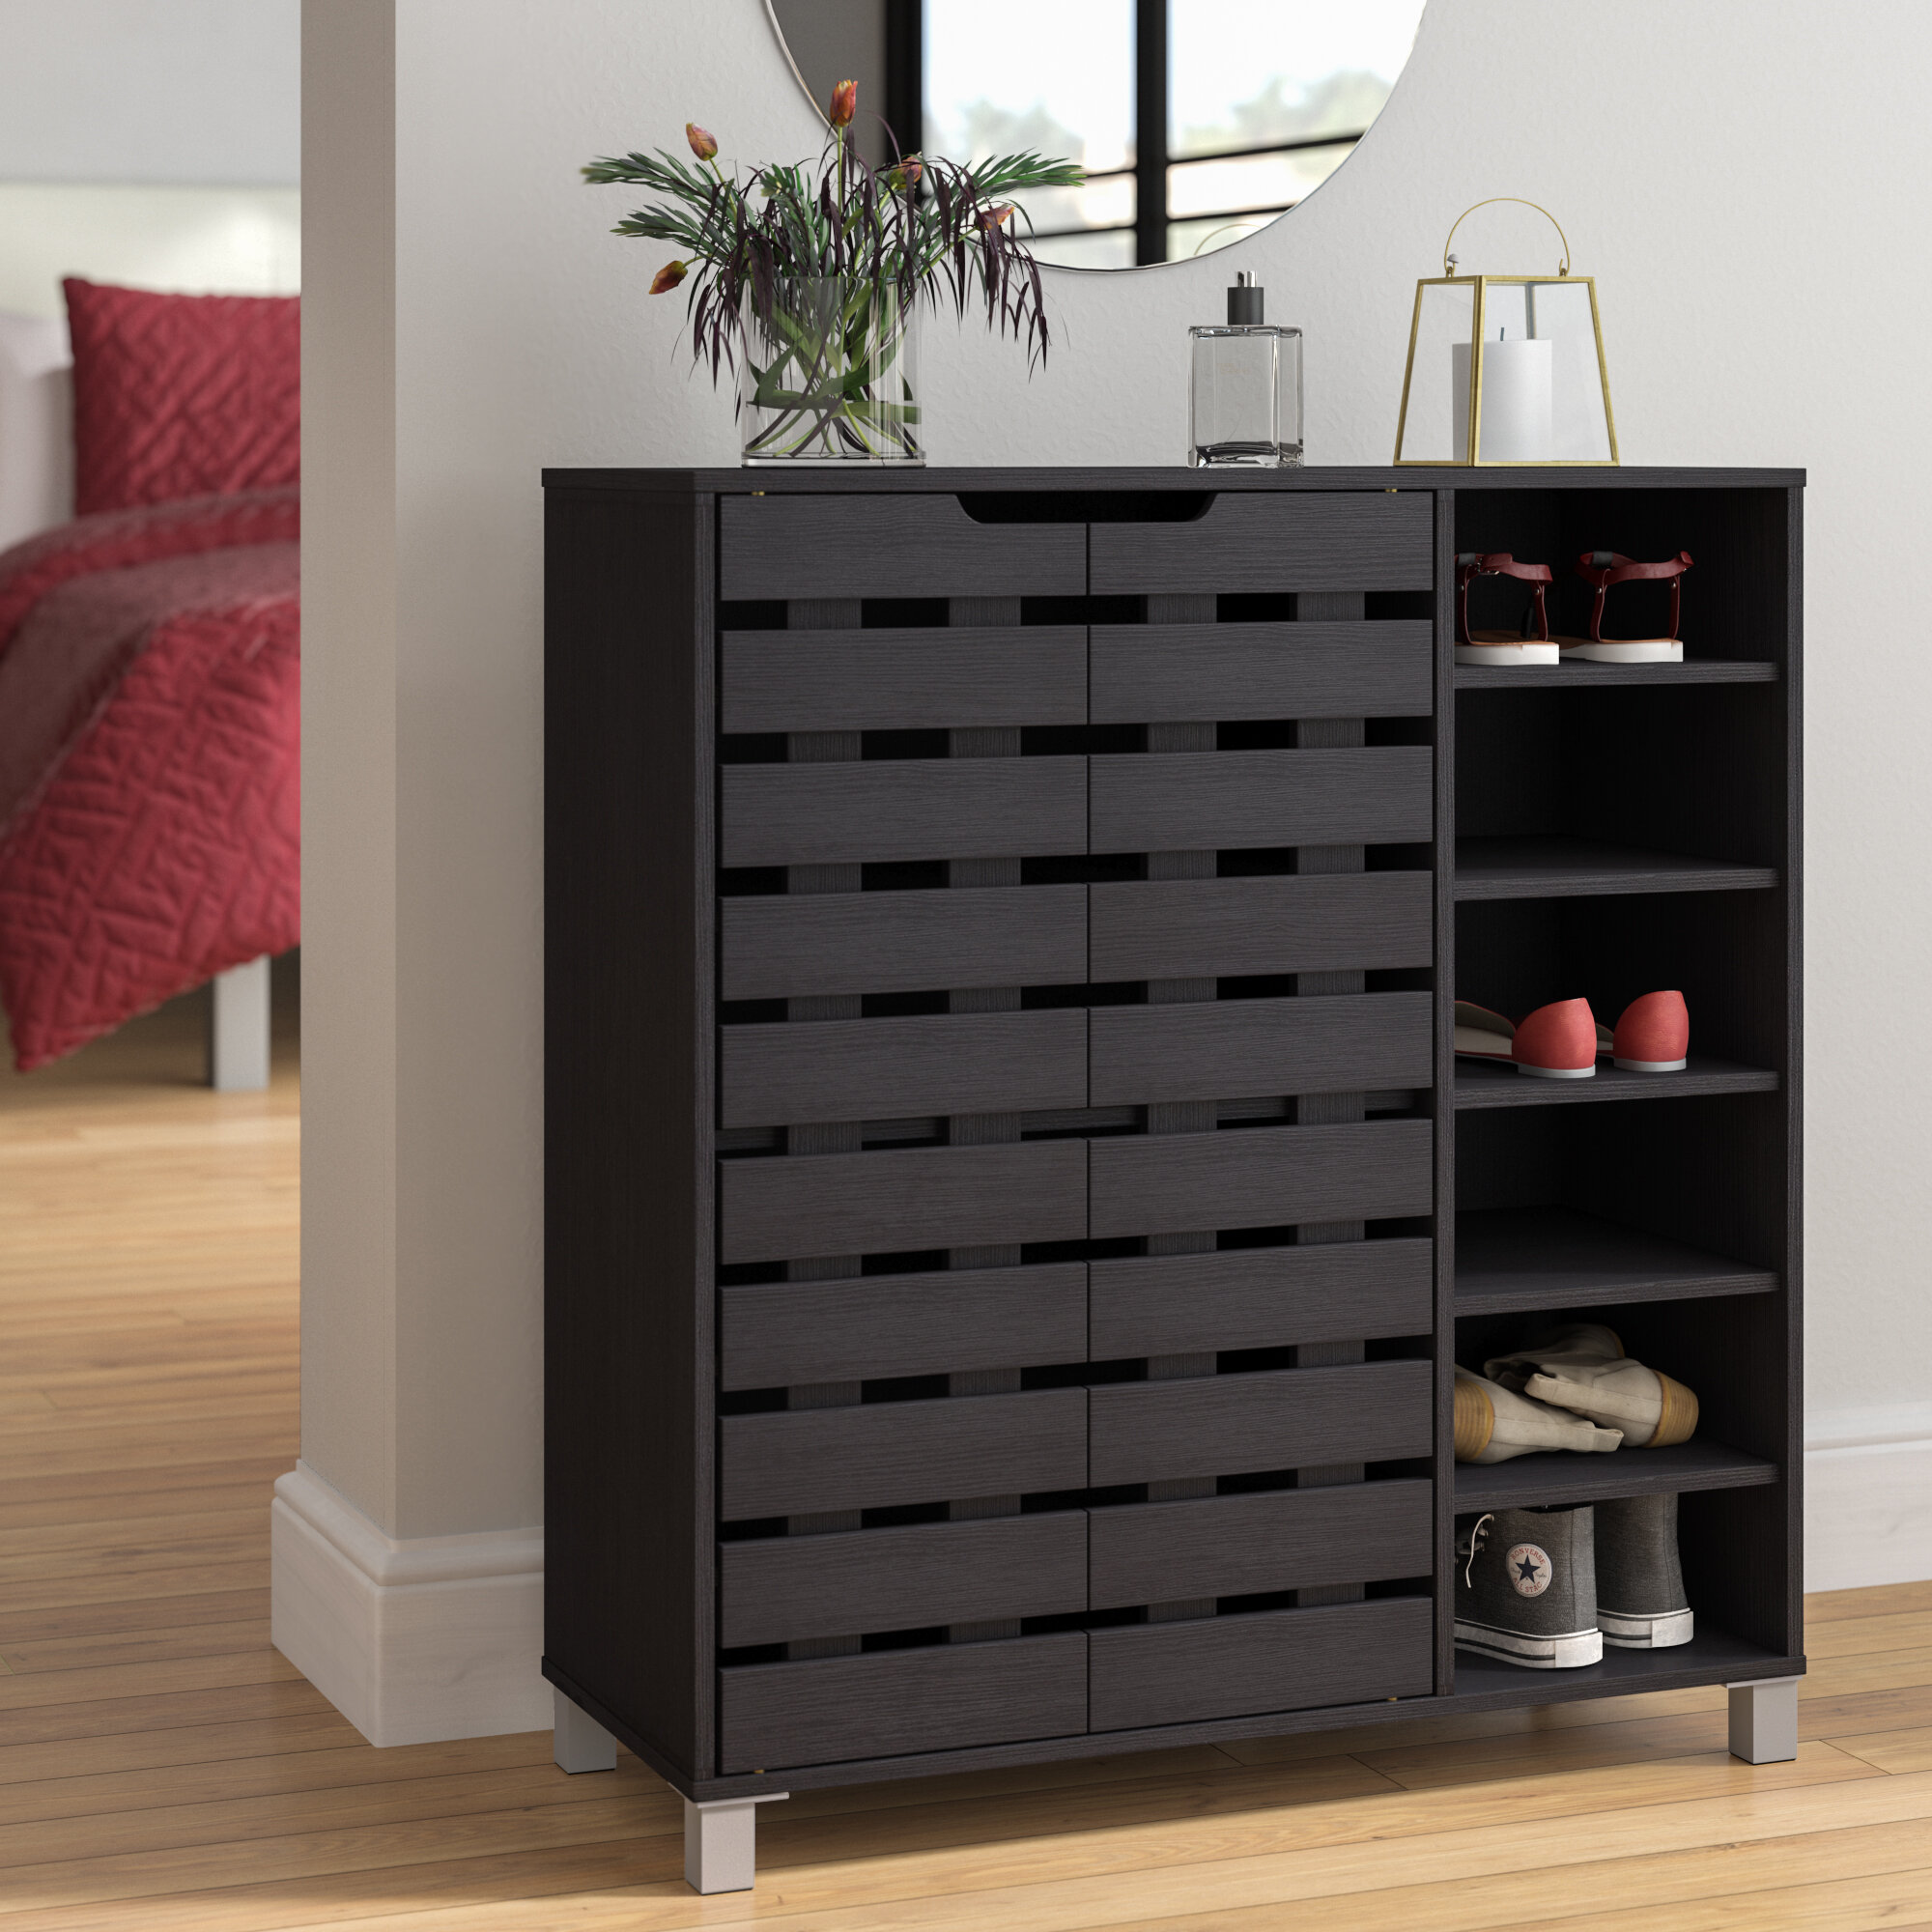 Zipcode Design 24 Pair Shoe Storage Cabinet